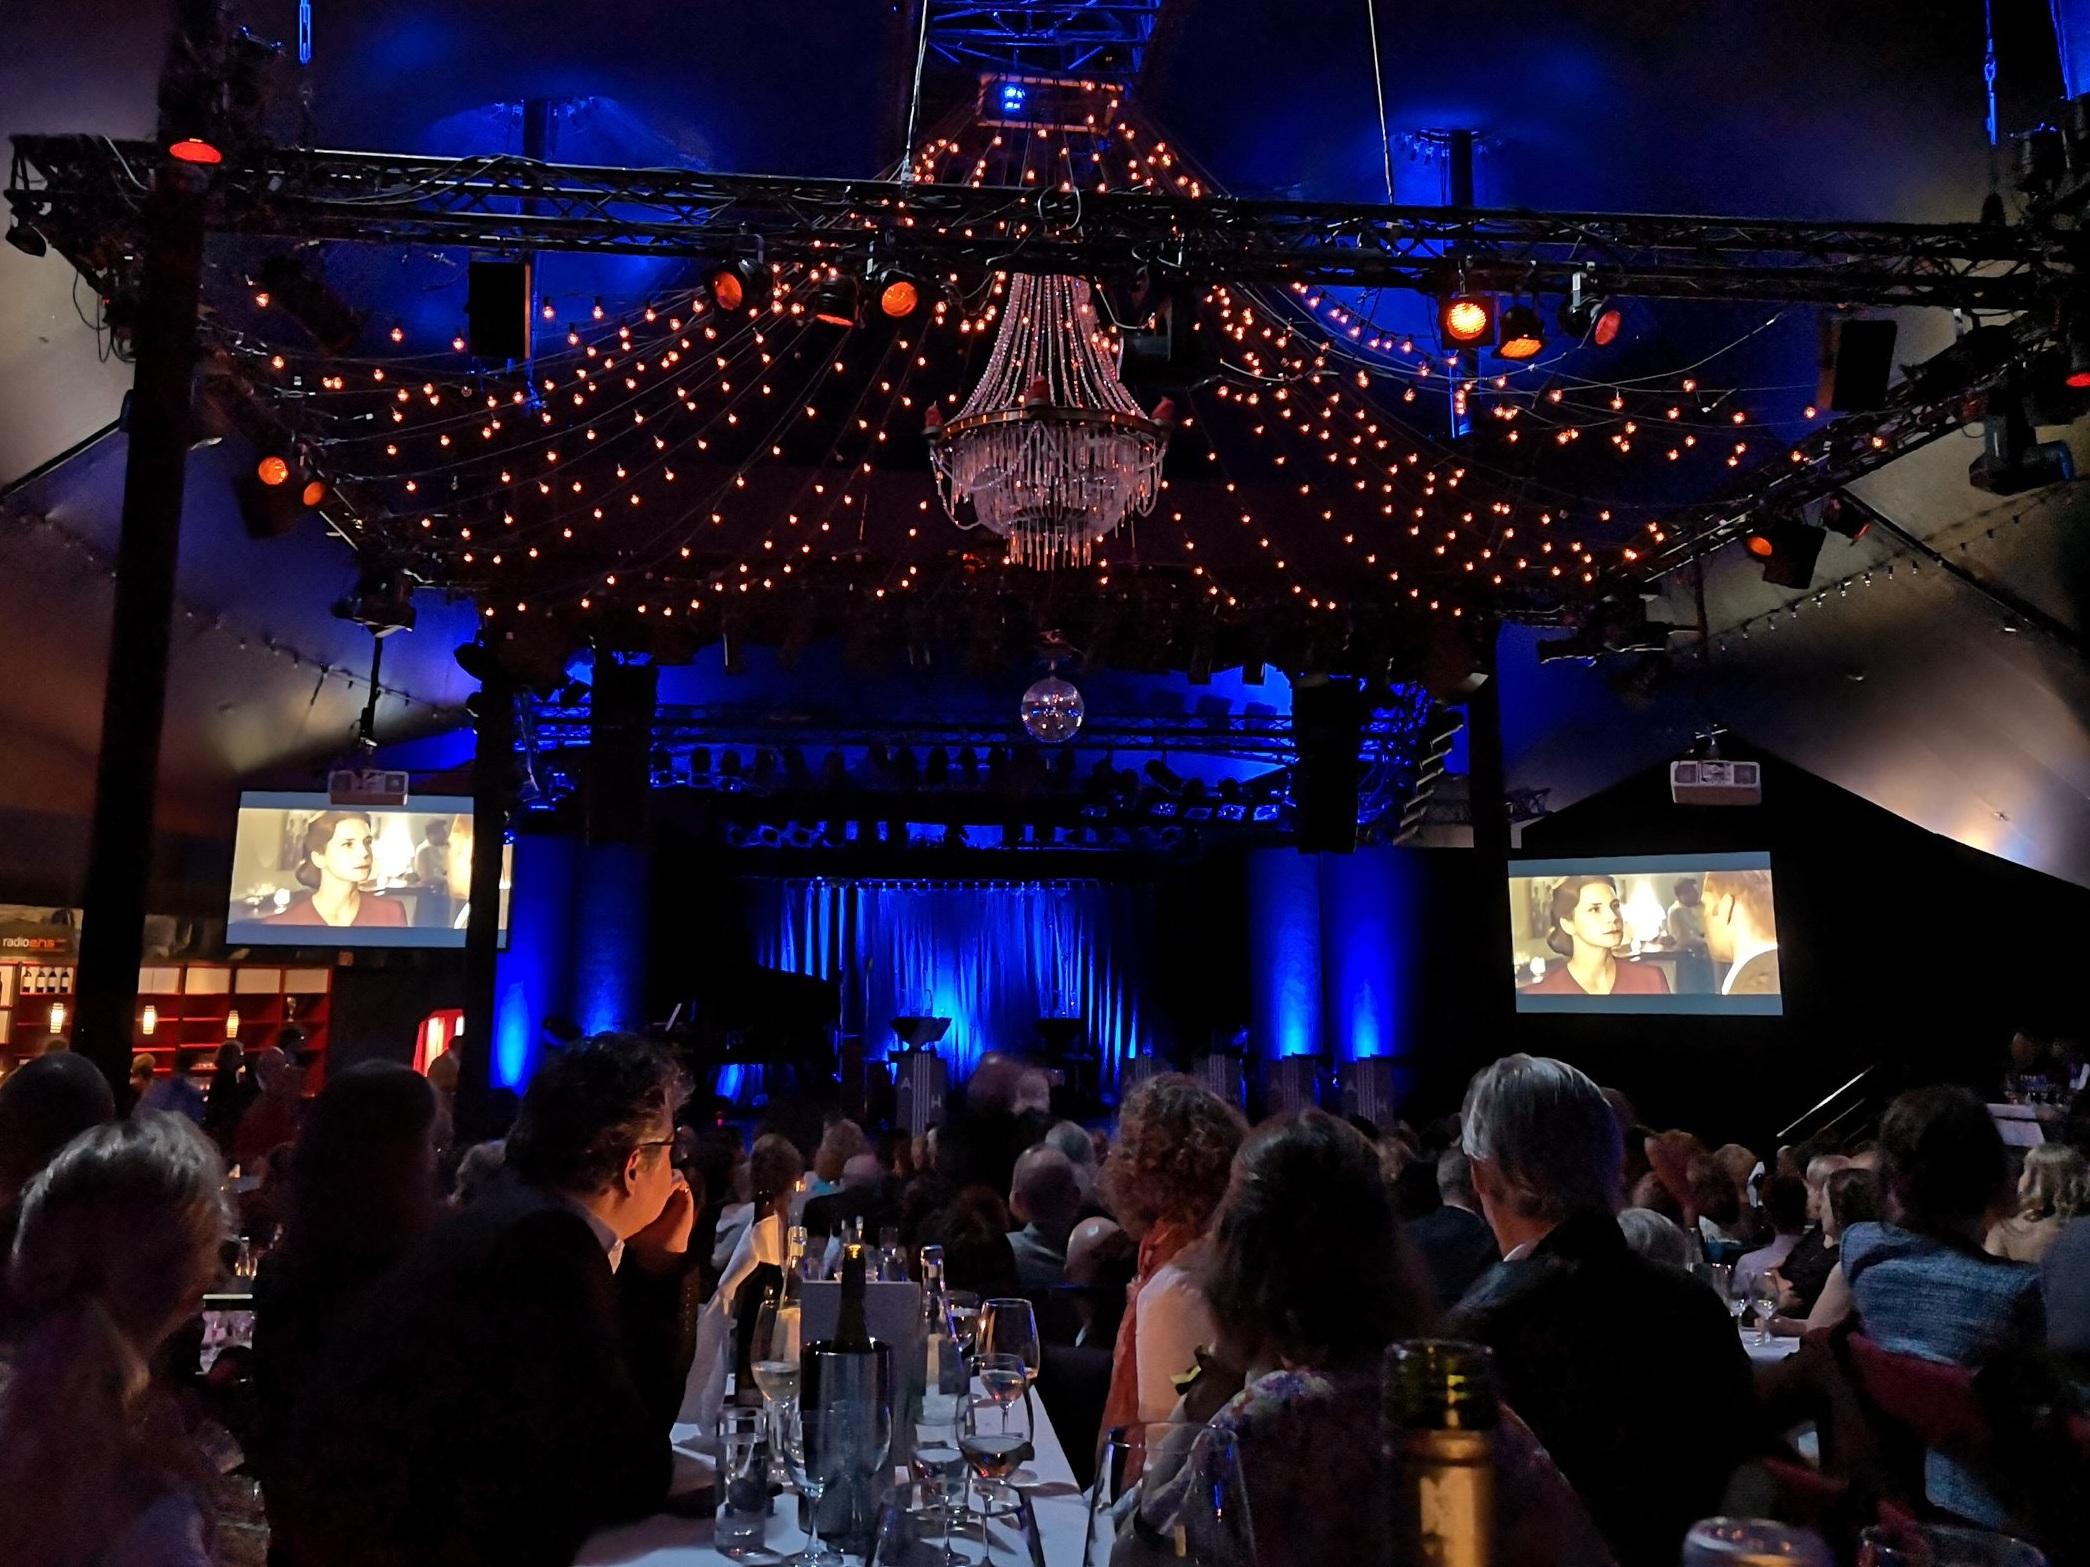 Deutscher Synchronpreis - The award ceremony honors German film dubbing as high art. Published in Deutsche Welle.